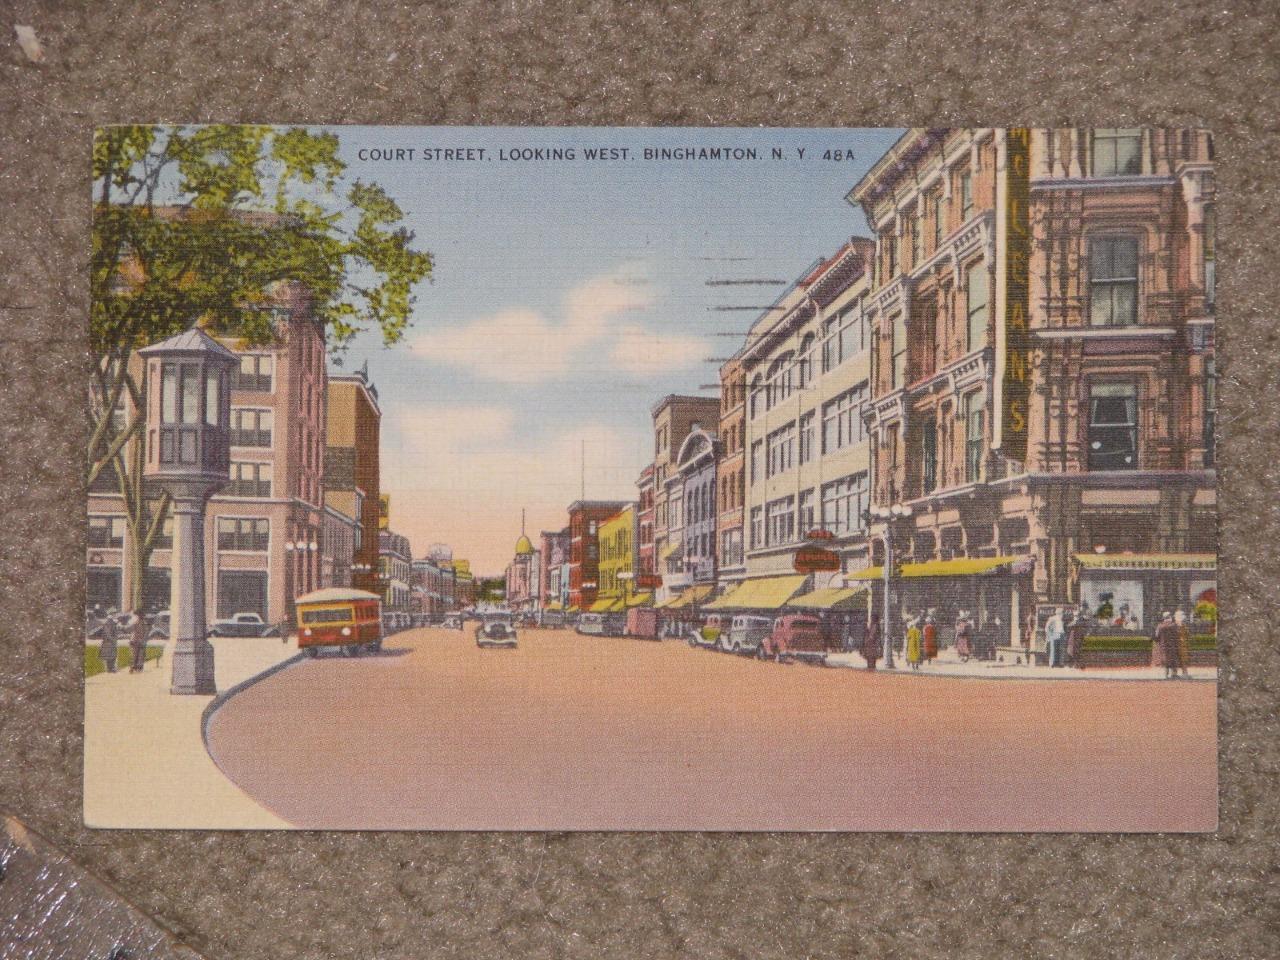 Court St., Looking West, Binghamton, N.Y., 1942, used vintage card